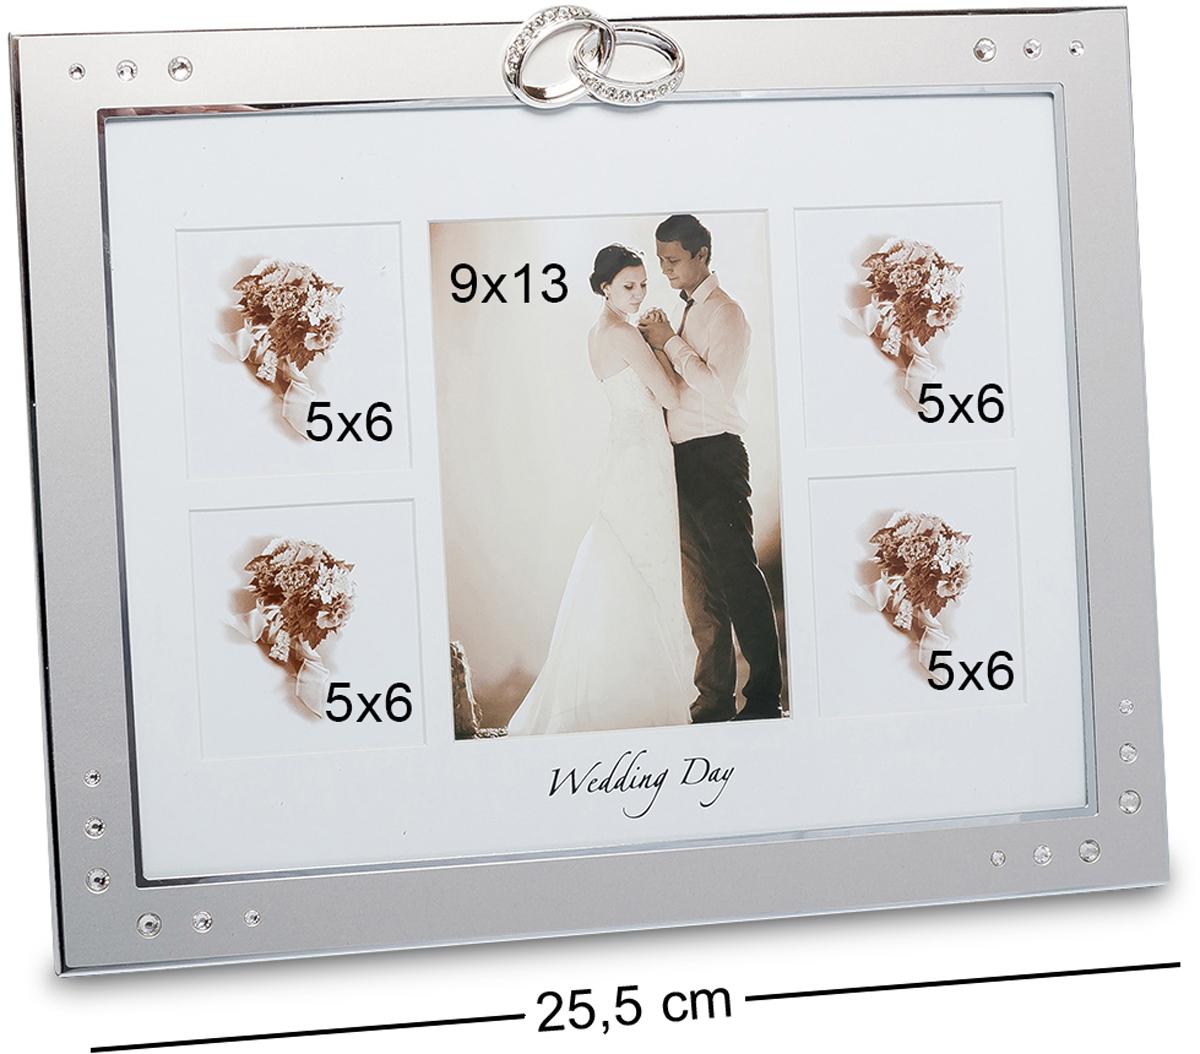 Фоторамка Bellezza Casa Счастливый день, на 5 фото: 9х13, 5х6. CHK-071RG-D31SФоторамка на 5 фото для фотографий 9х13 и 5х6 см.Фоторамка цвета стали изыскана и роскошна. Ее можно разместить на столе в гостиной, чтобы все любовались вашими свадебными фото. Ее достоинством является то, что она не переполнена дополнительными деталями. А небольшие камни и два кольца, которые венчают рамку, смотрятся просто изумительно. Все эти детали настолько уместны здесь, что они не будут отвлекать от самого главного – свадебного фото.